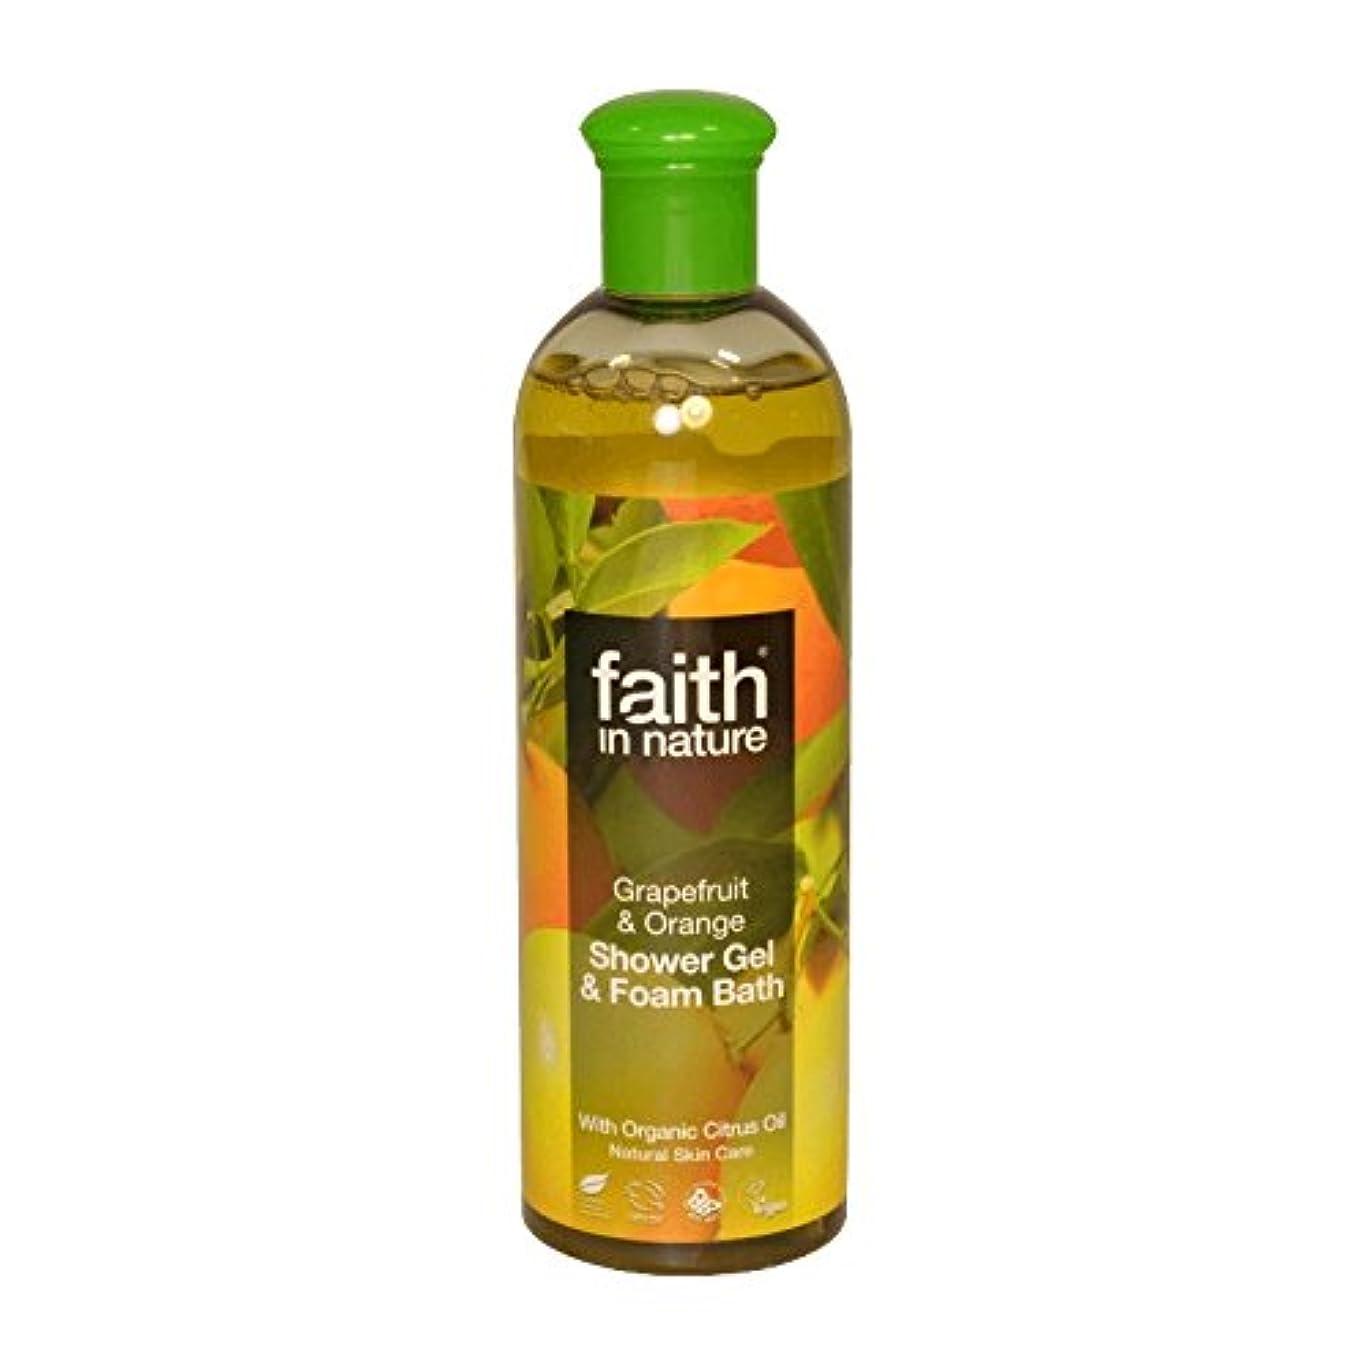 みなさんビーチロードされた自然グレープフルーツ&オレンジシャワージェル&バス泡400ミリリットルの信仰 - Faith in Nature Grapefruit & Orange Shower Gel & Bath Foam 400ml (Faith...